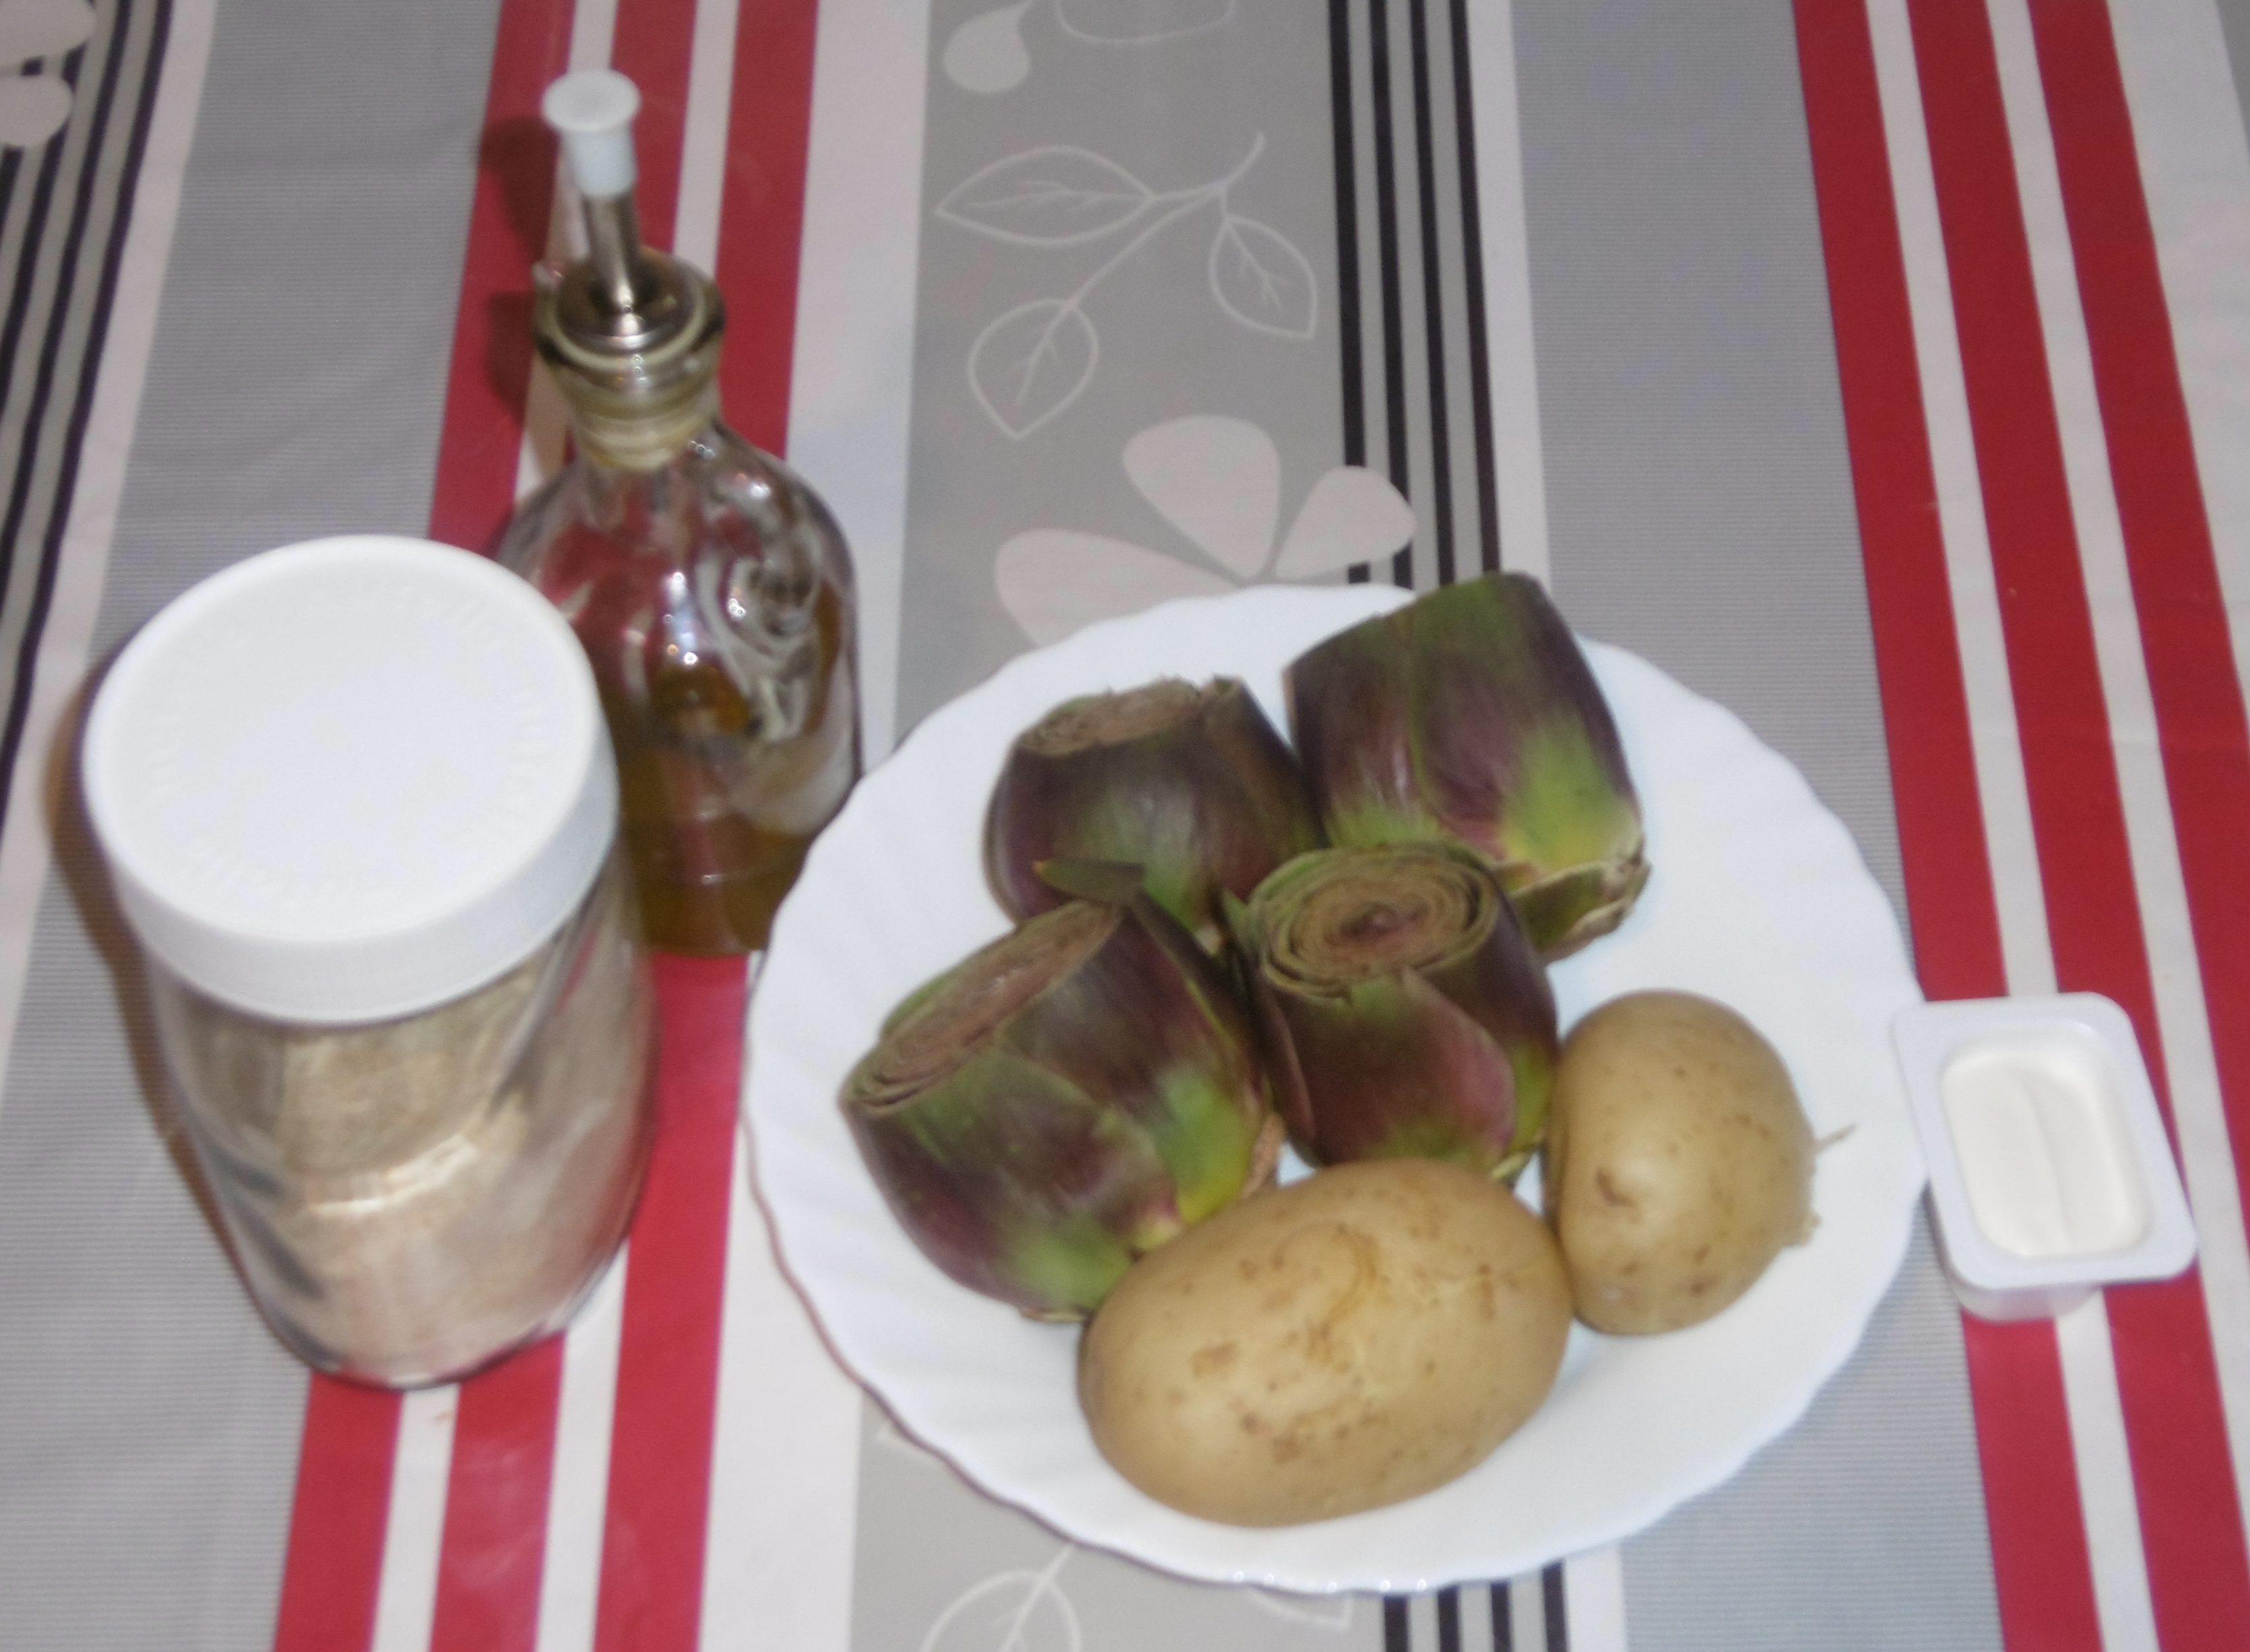 Carciofi ripieni con patate e formaggio - Ingredienti